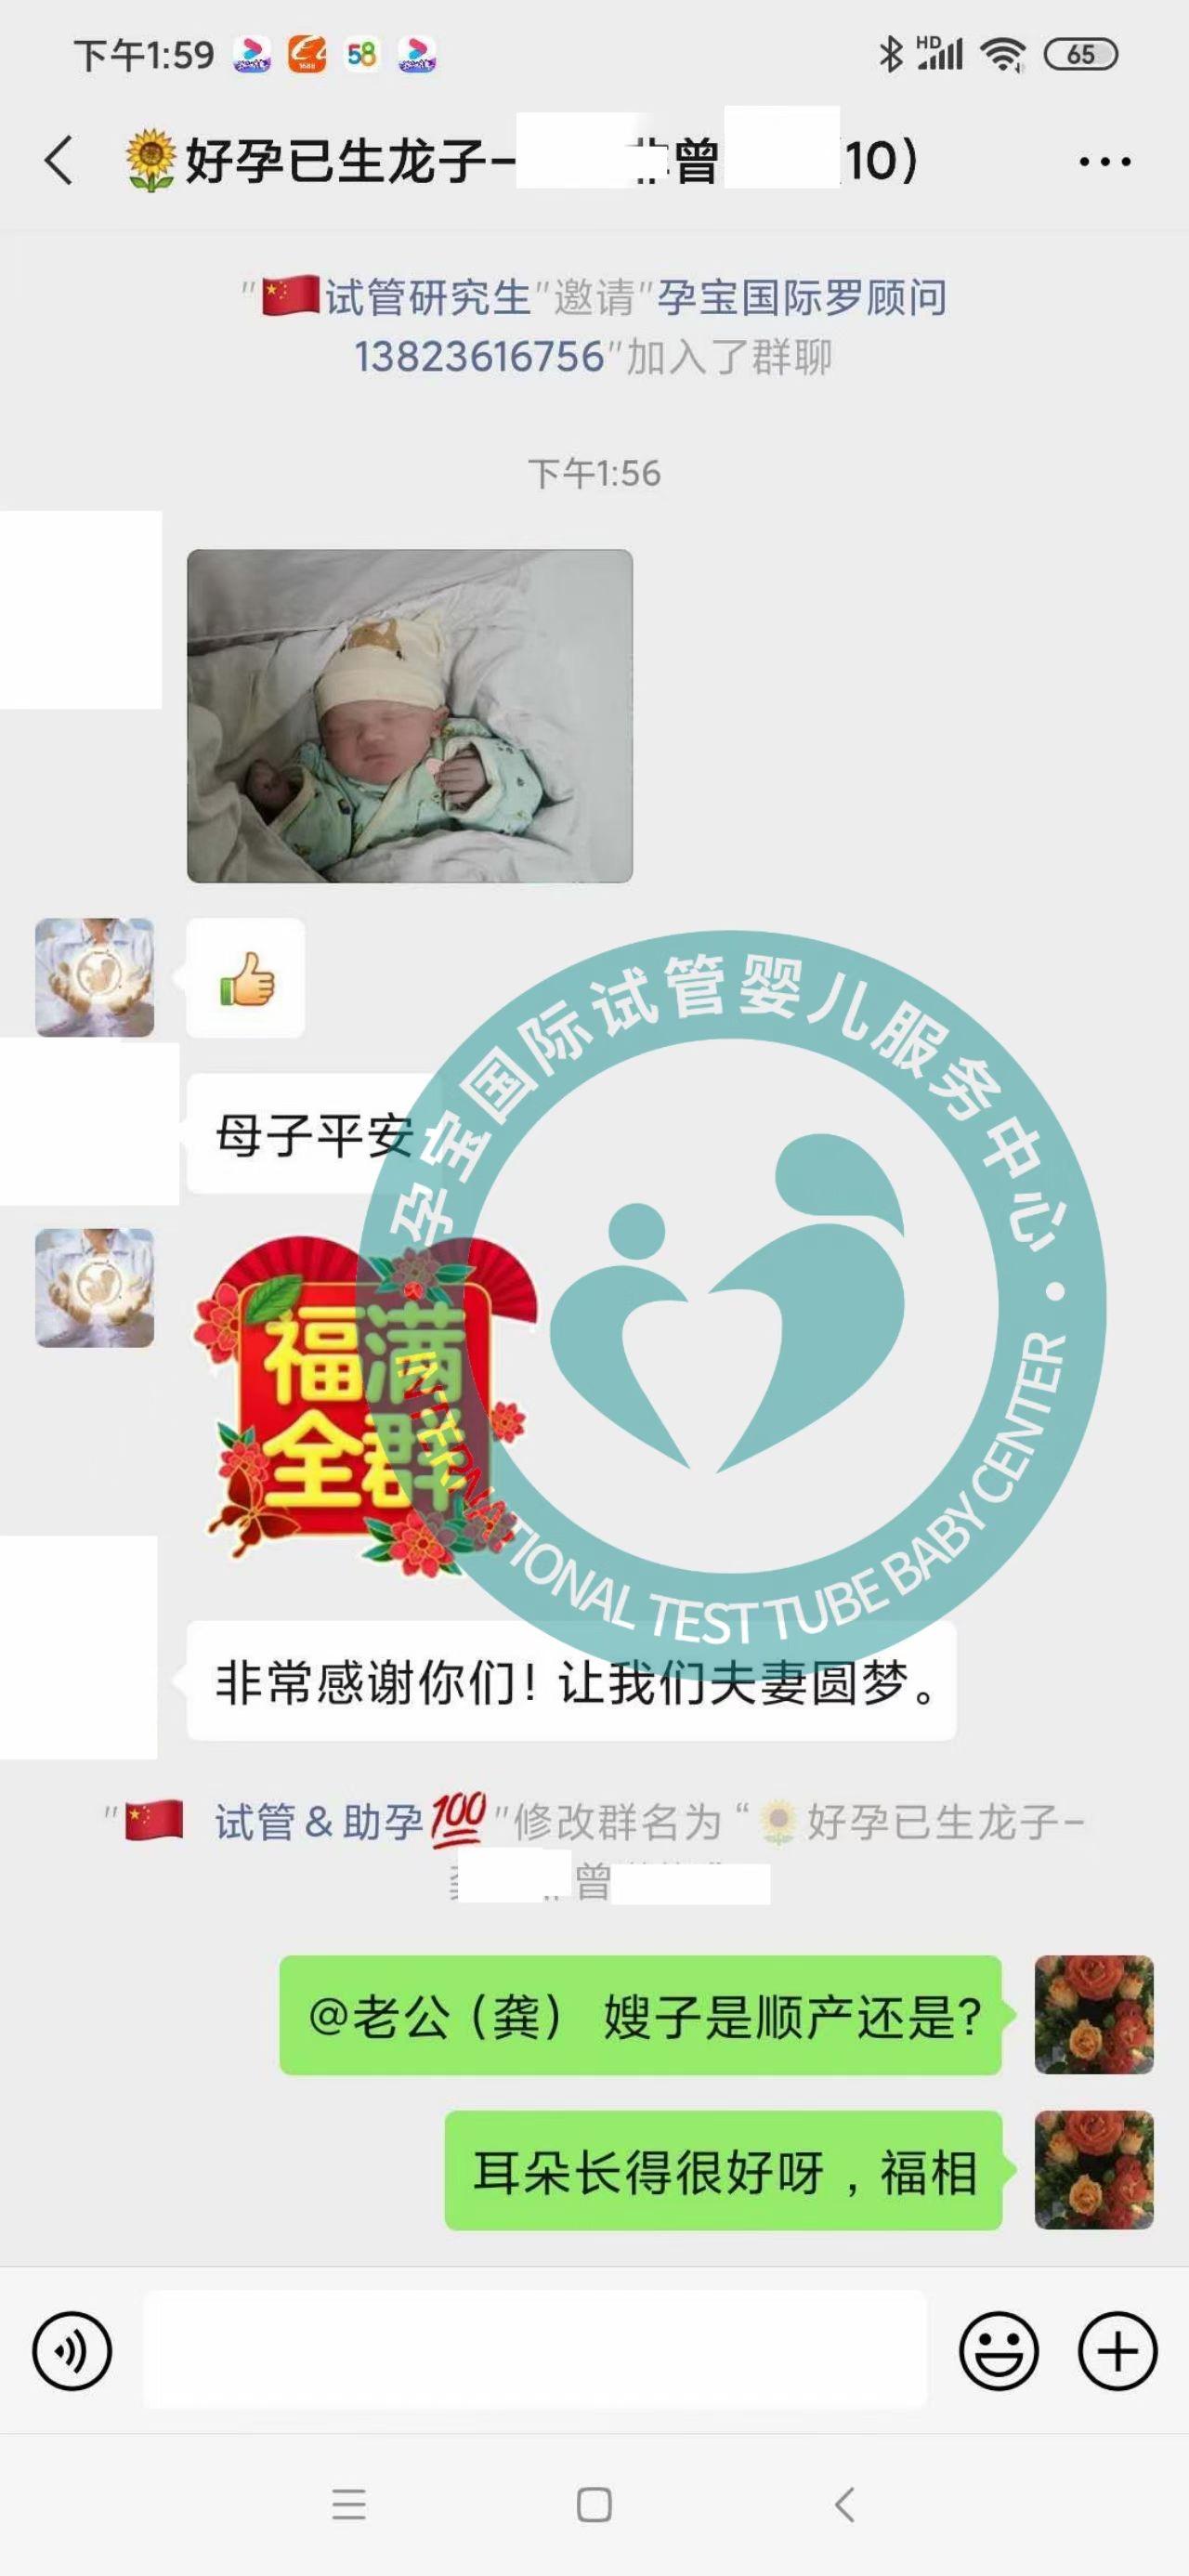 孕宝国际:恭喜47岁龚姐喜得贵子 宝宝体重6.5斤